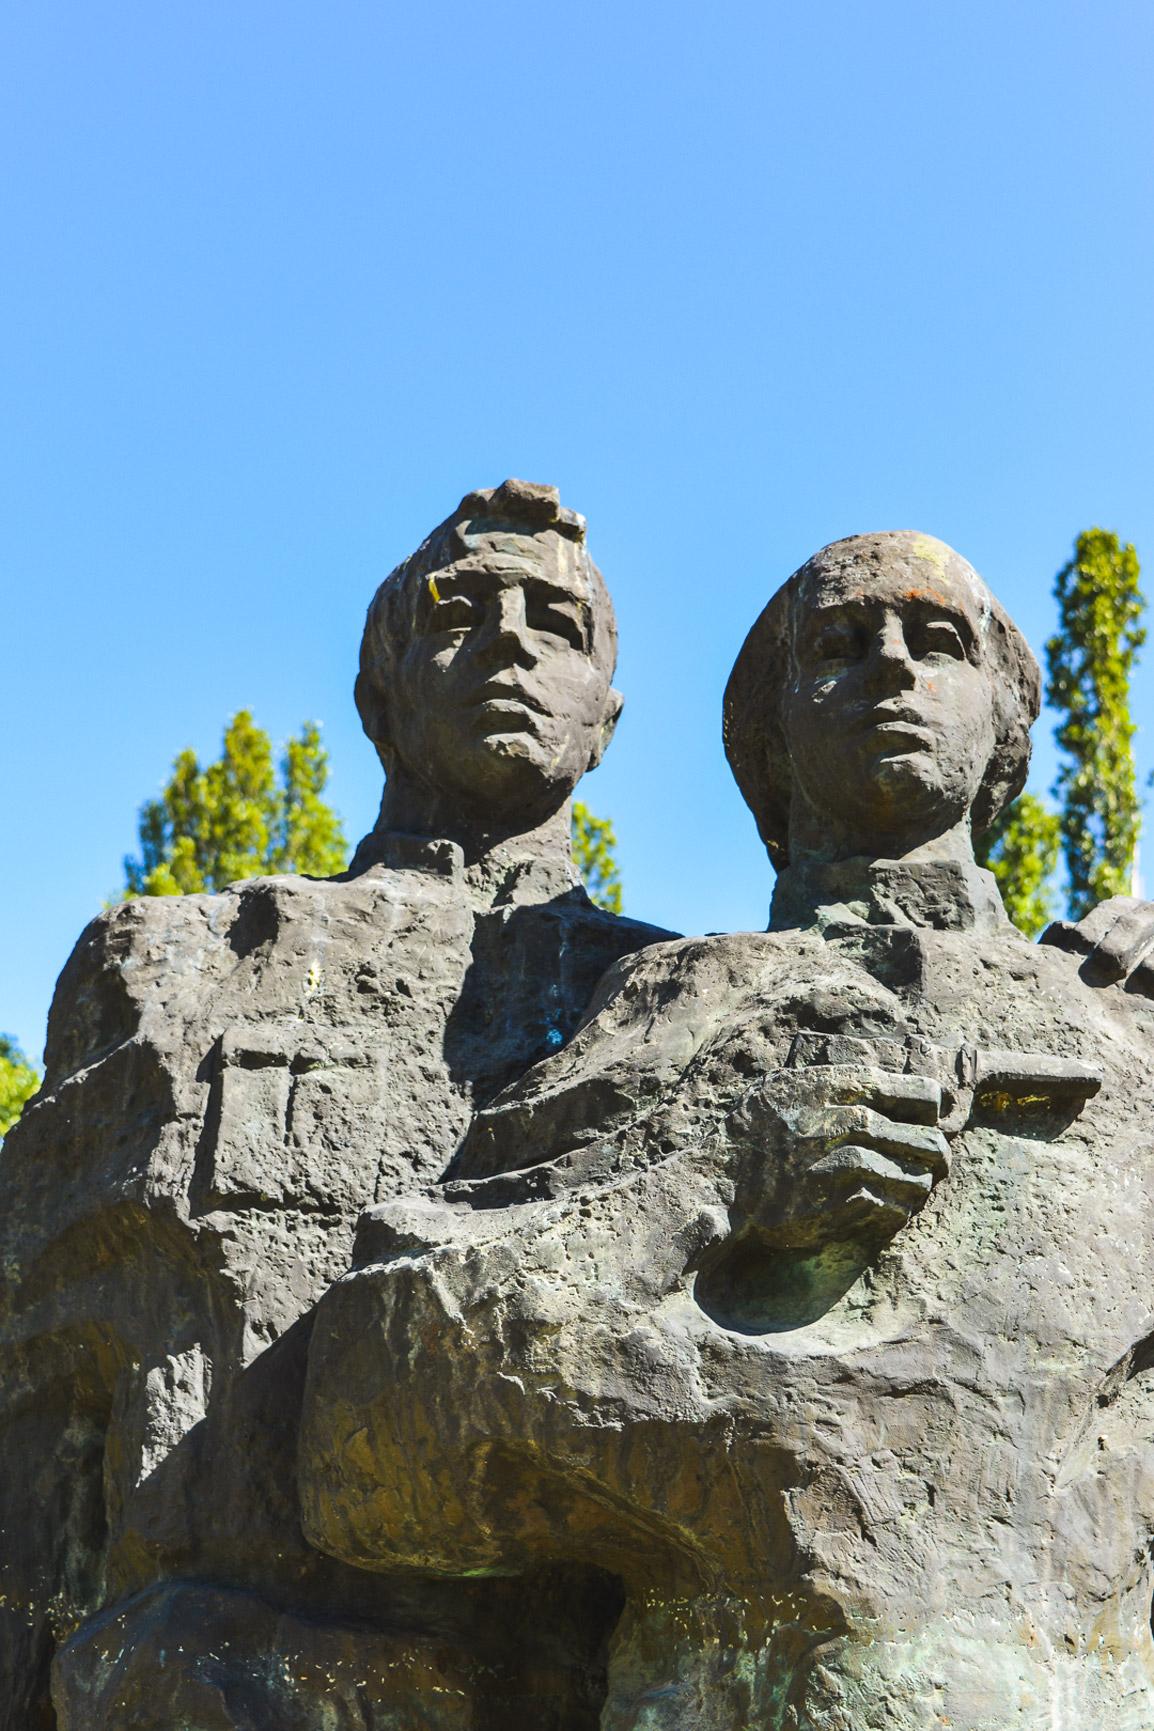 Estátua de dois jovens trabalhadores no Museu de Arte Socialista em Sofia, Bulgaria